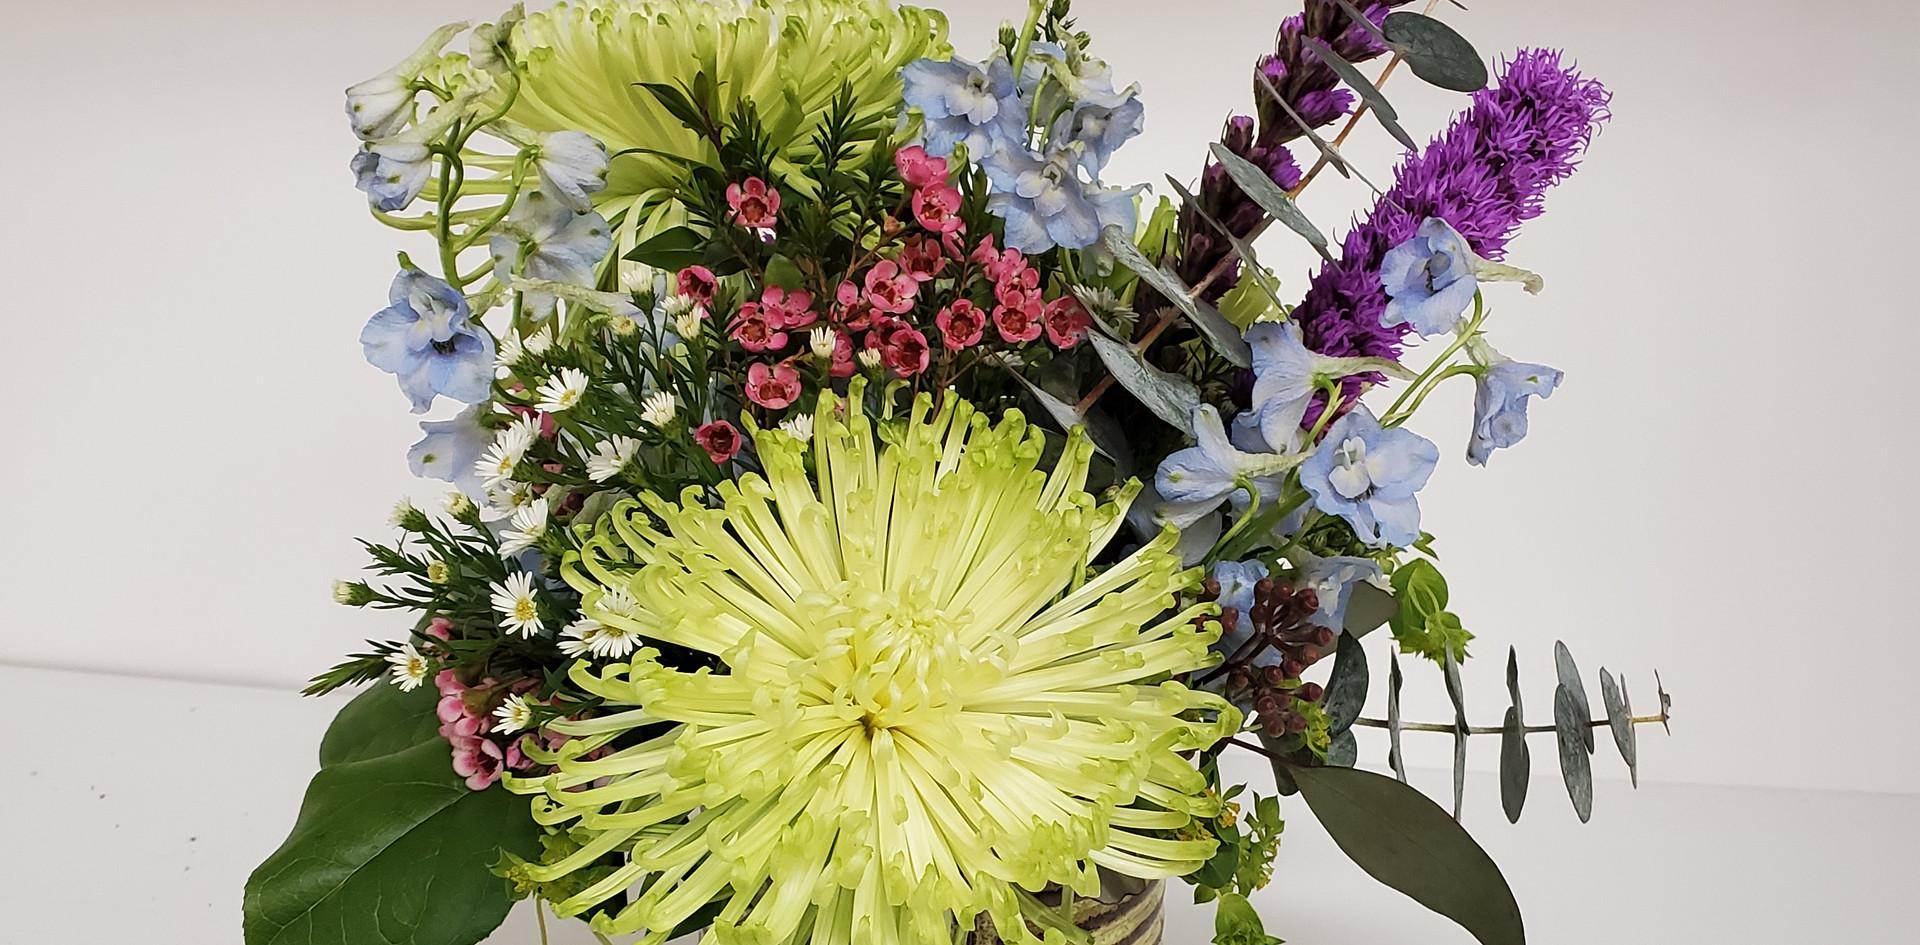 202003Fancy Pansy Flower Bouquet05_163849.jpg